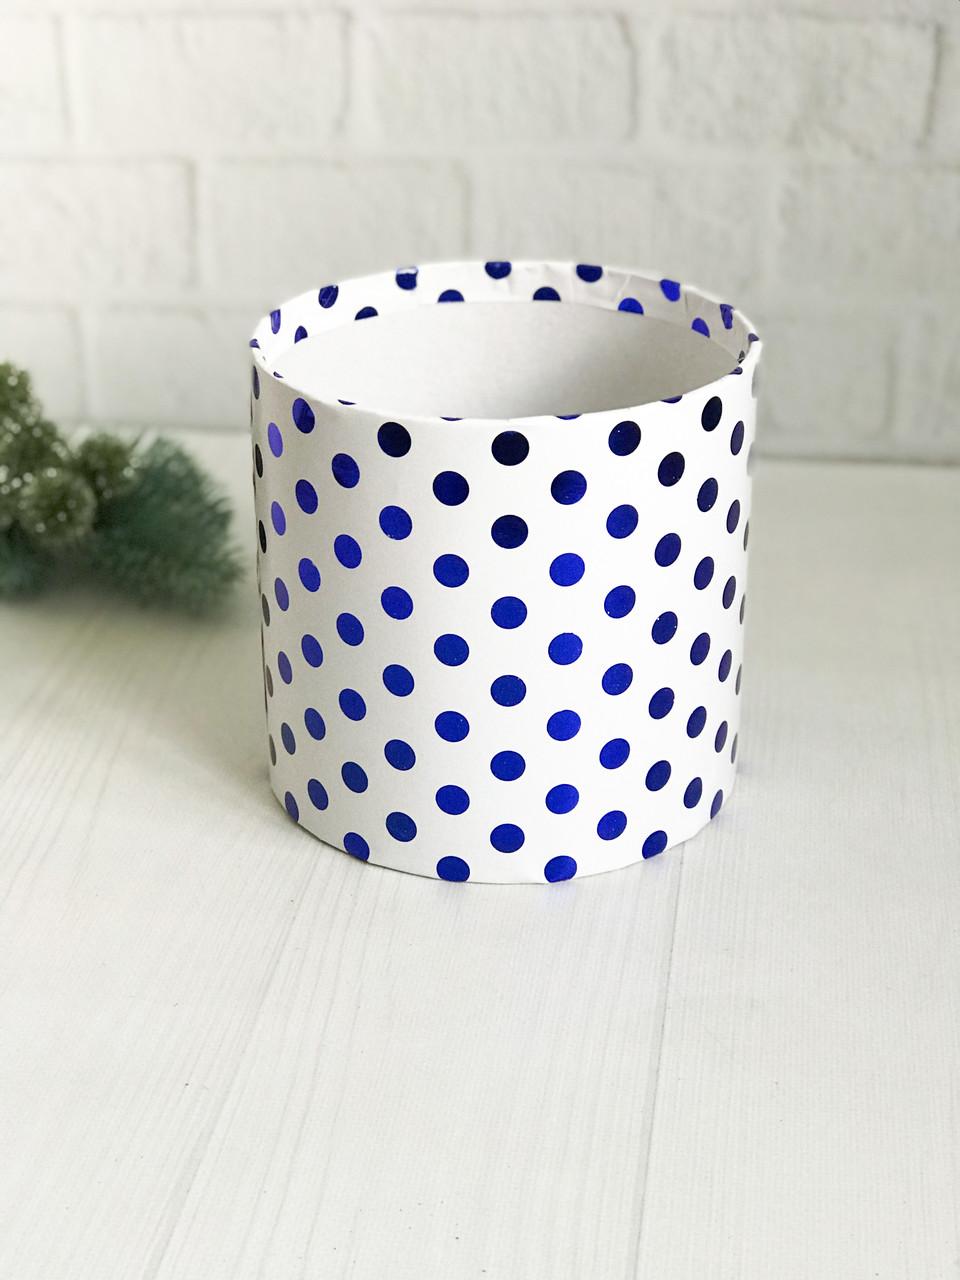 Коробка круглая с синими кружочками белая 15 * 15 см